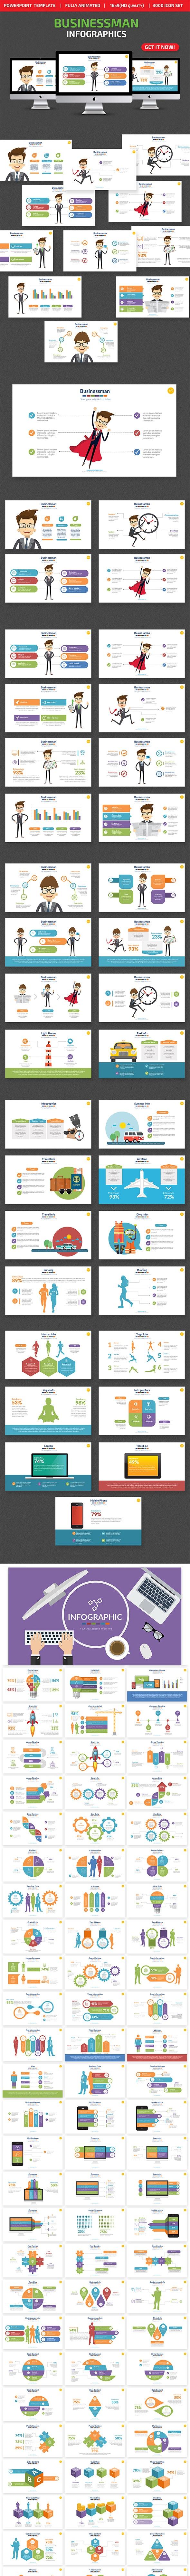 Businessman Powerpoint Presentation - PowerPoint Templates Presentation Templates